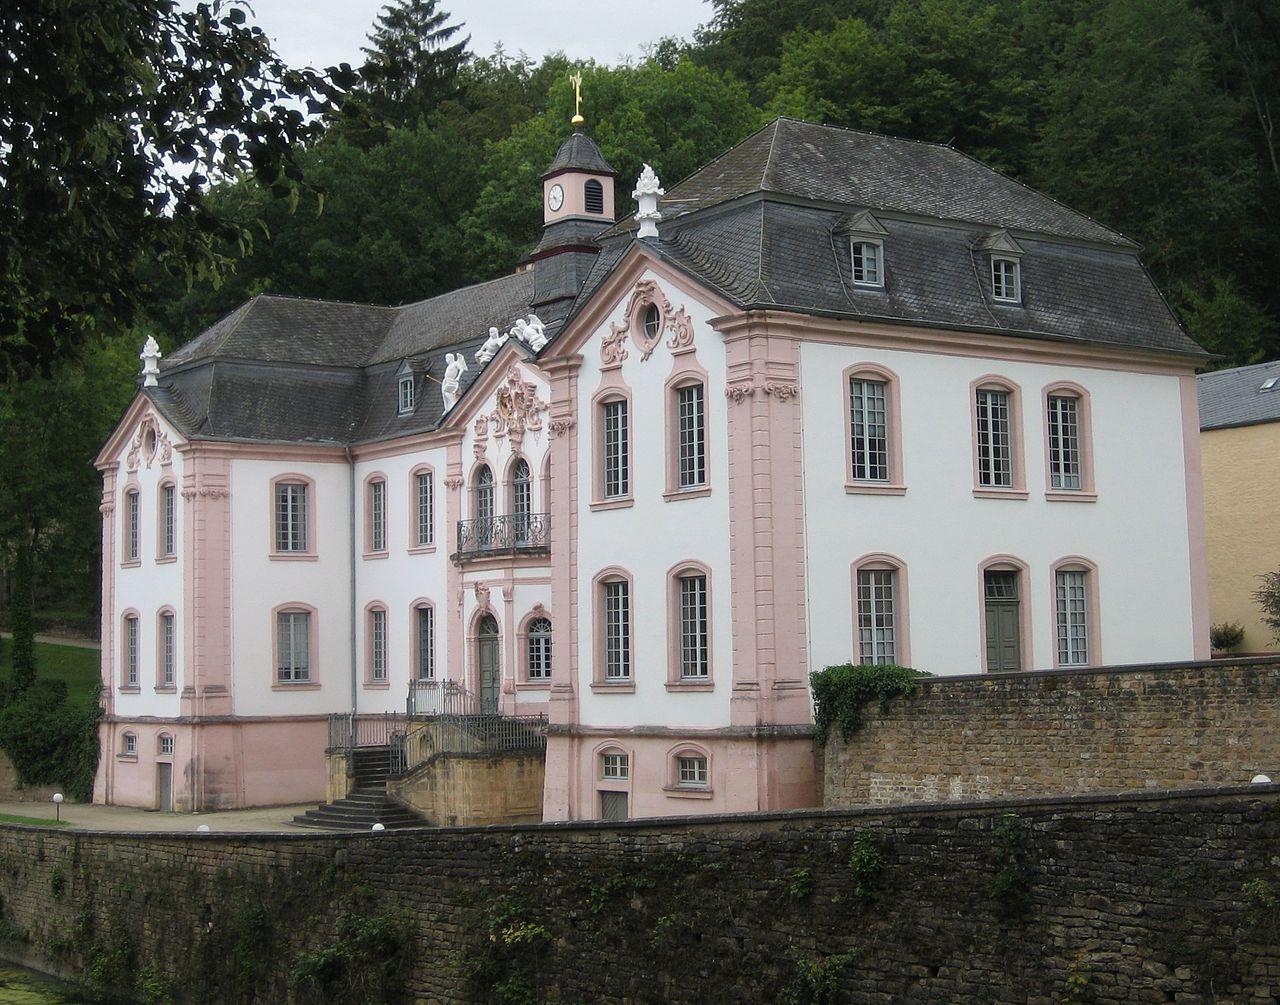 Bild Schloss Weilerbach